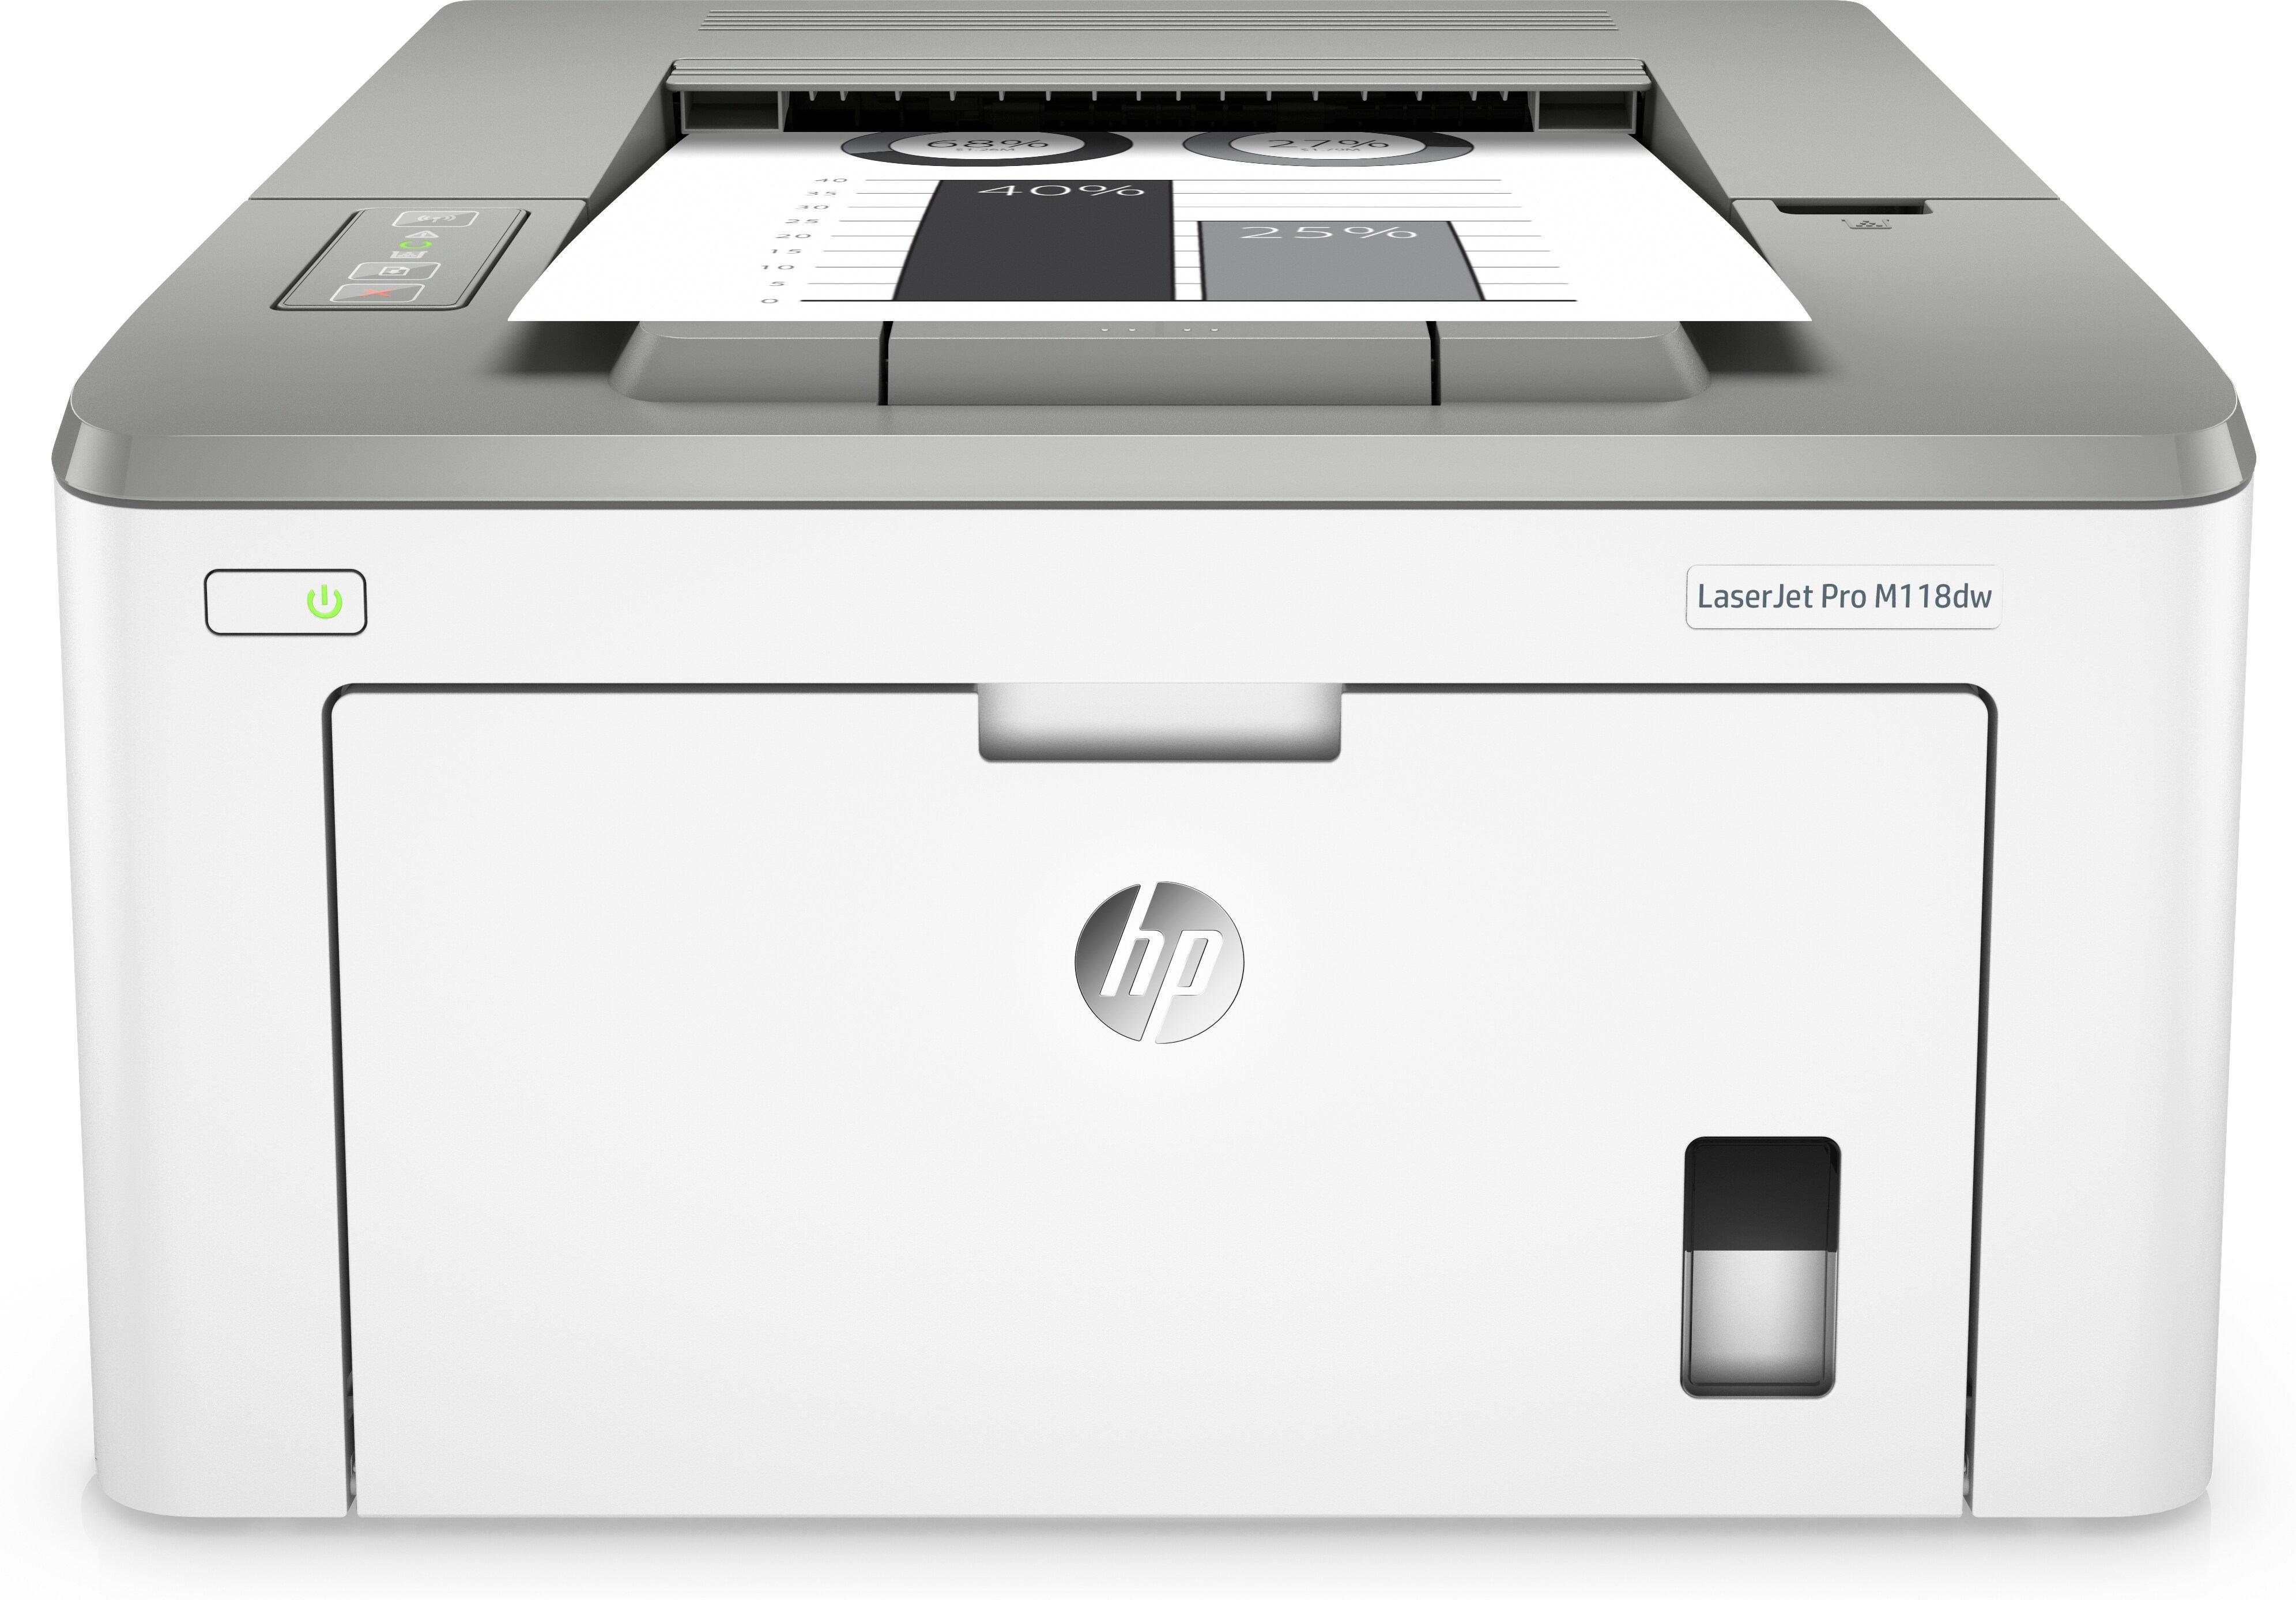 2022274-HP-LaserJet-Pro-M118dw-1200-x-1200-DPI-A4-Wi-Fi-HP-LaserJet-Pro-M118dw